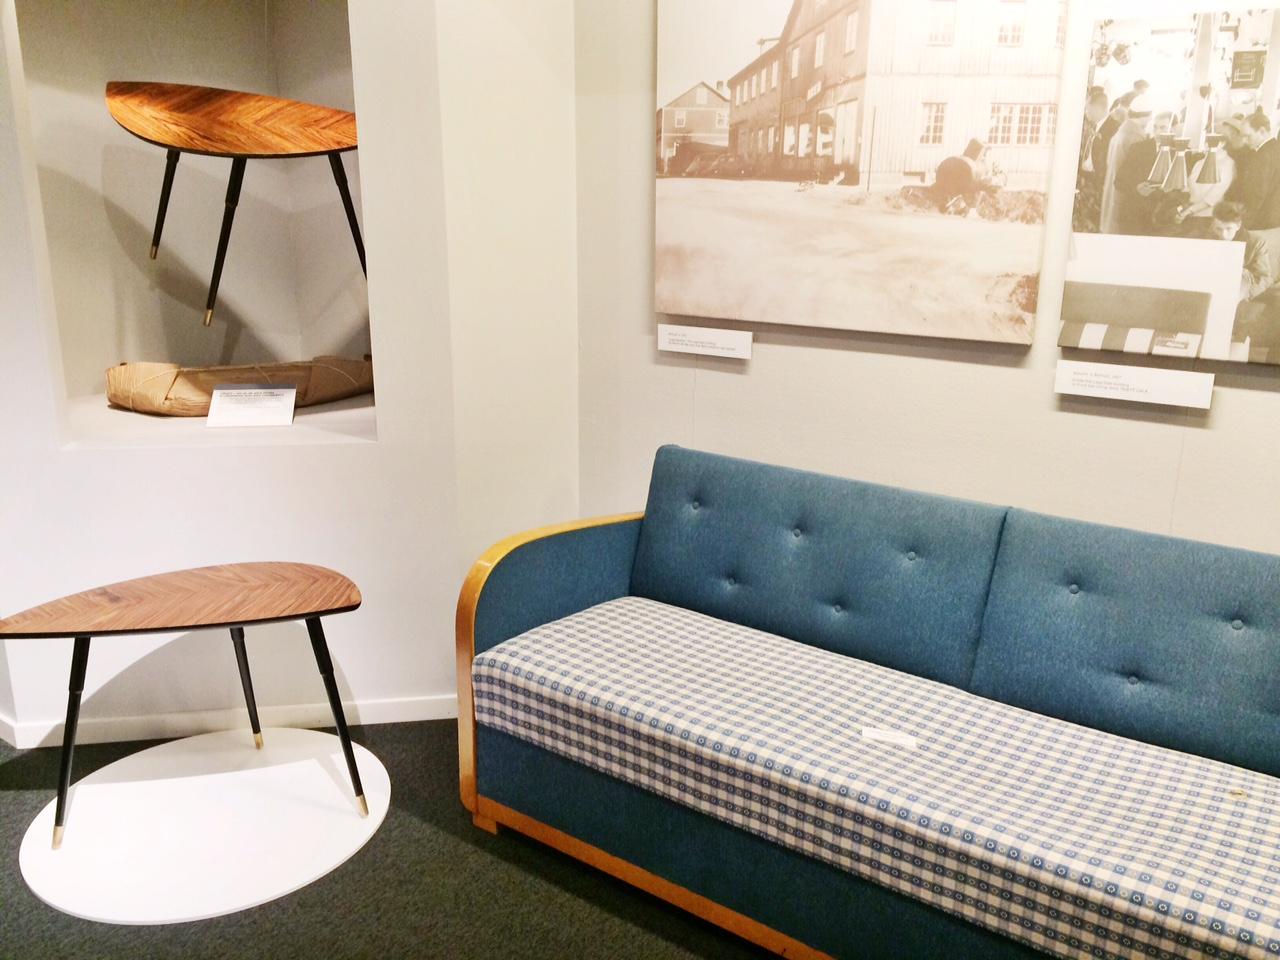 Wooninspiratie IKEA museum - INTERIOR JUNKIE